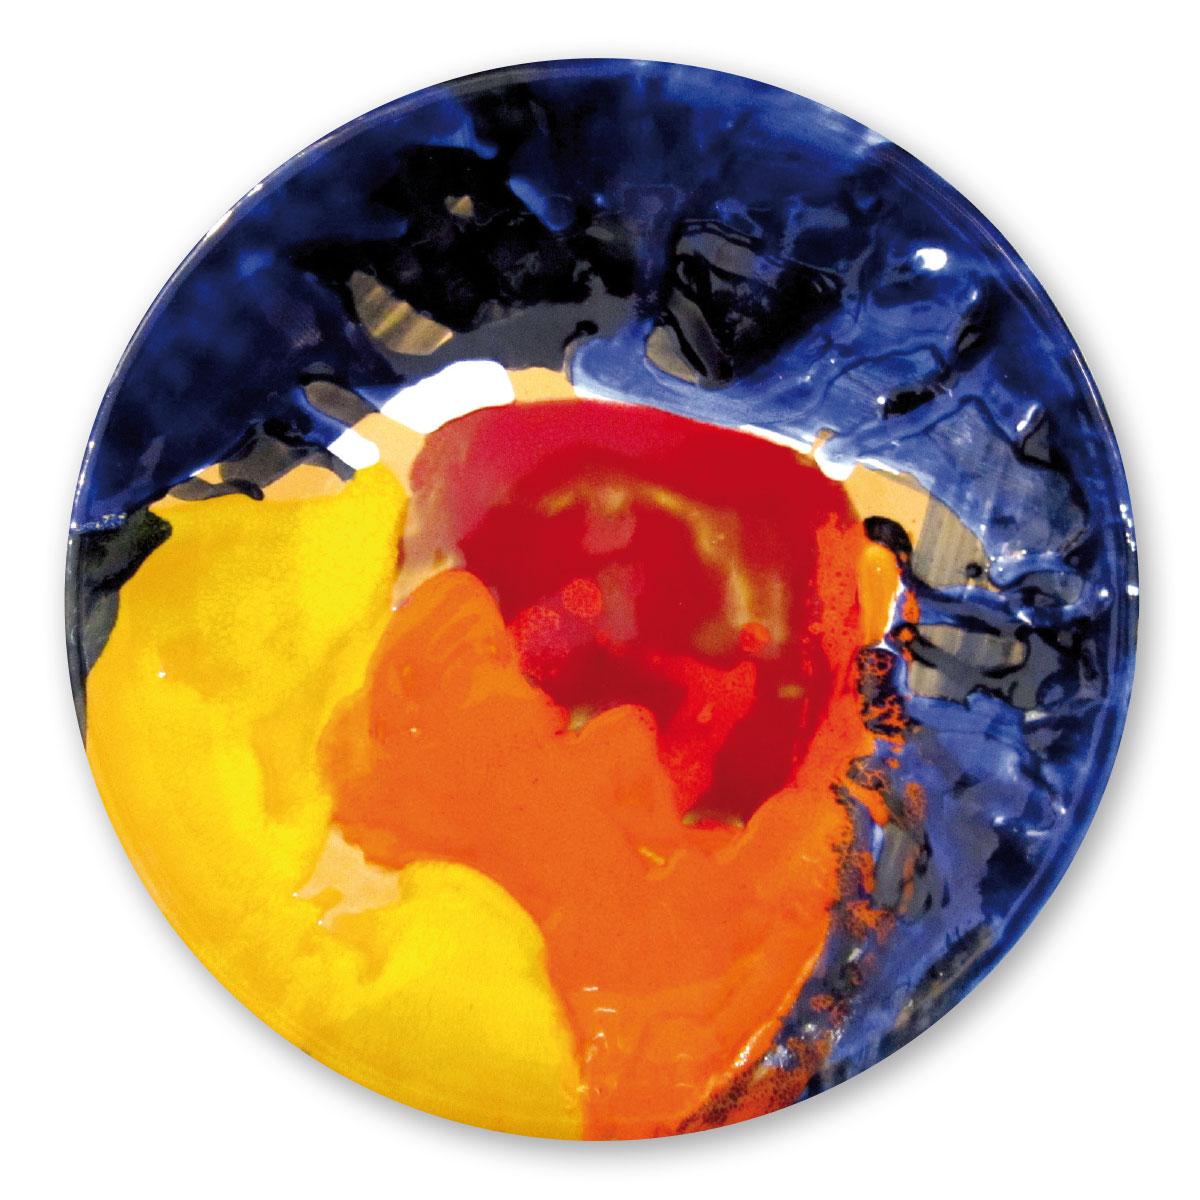 L'opera dell'artista Nes Lerpa acquisita dal Museo a cielo aperto di Denice, dedicato alla ceramica contemporanea